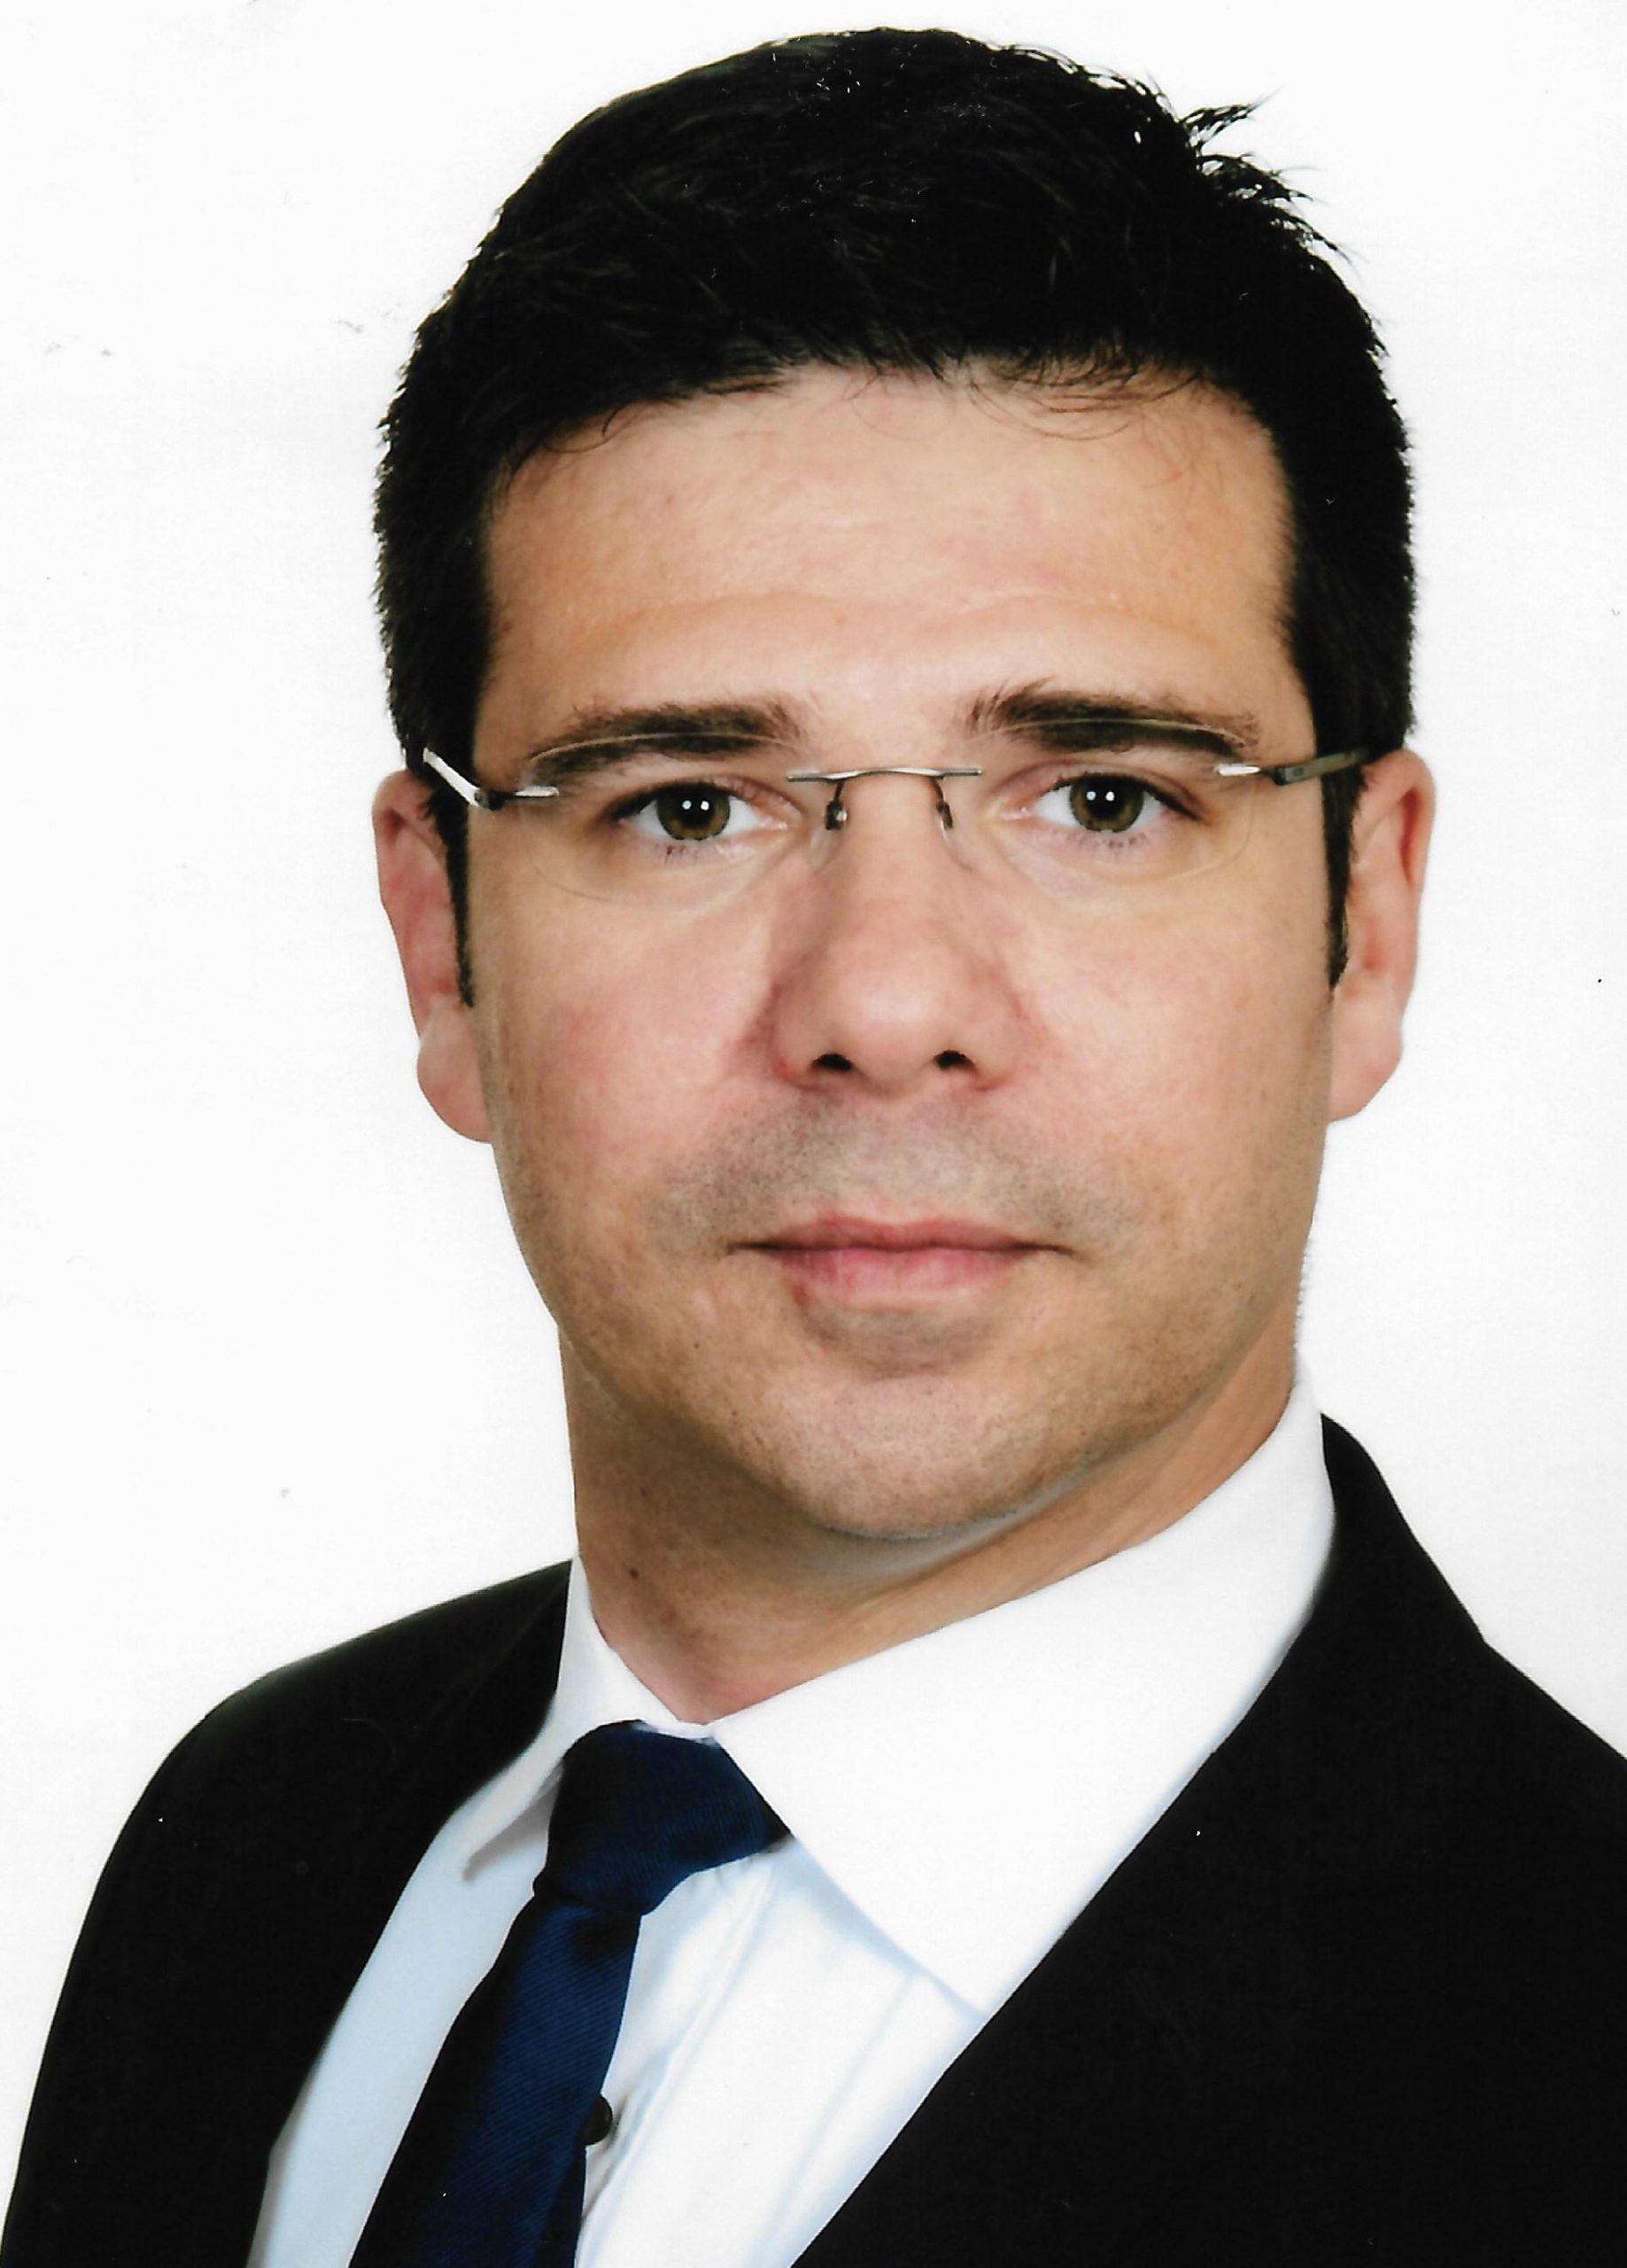 Marko Herak